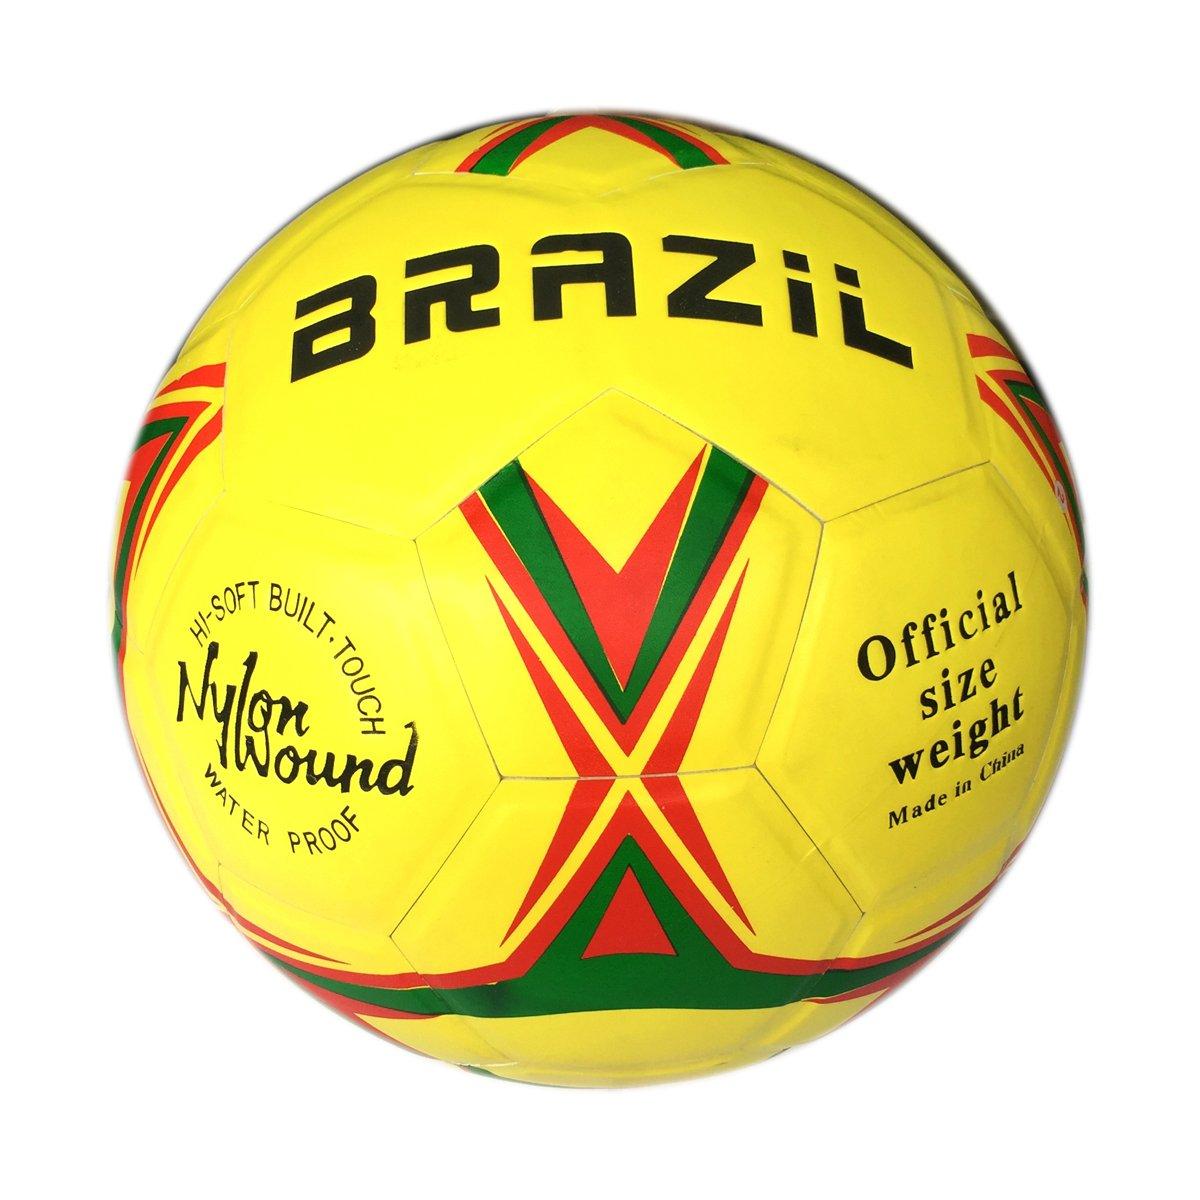 Batu Lee TraditionalナイロンWoundブラジルサッカーボールサイズ5 B079R43P68